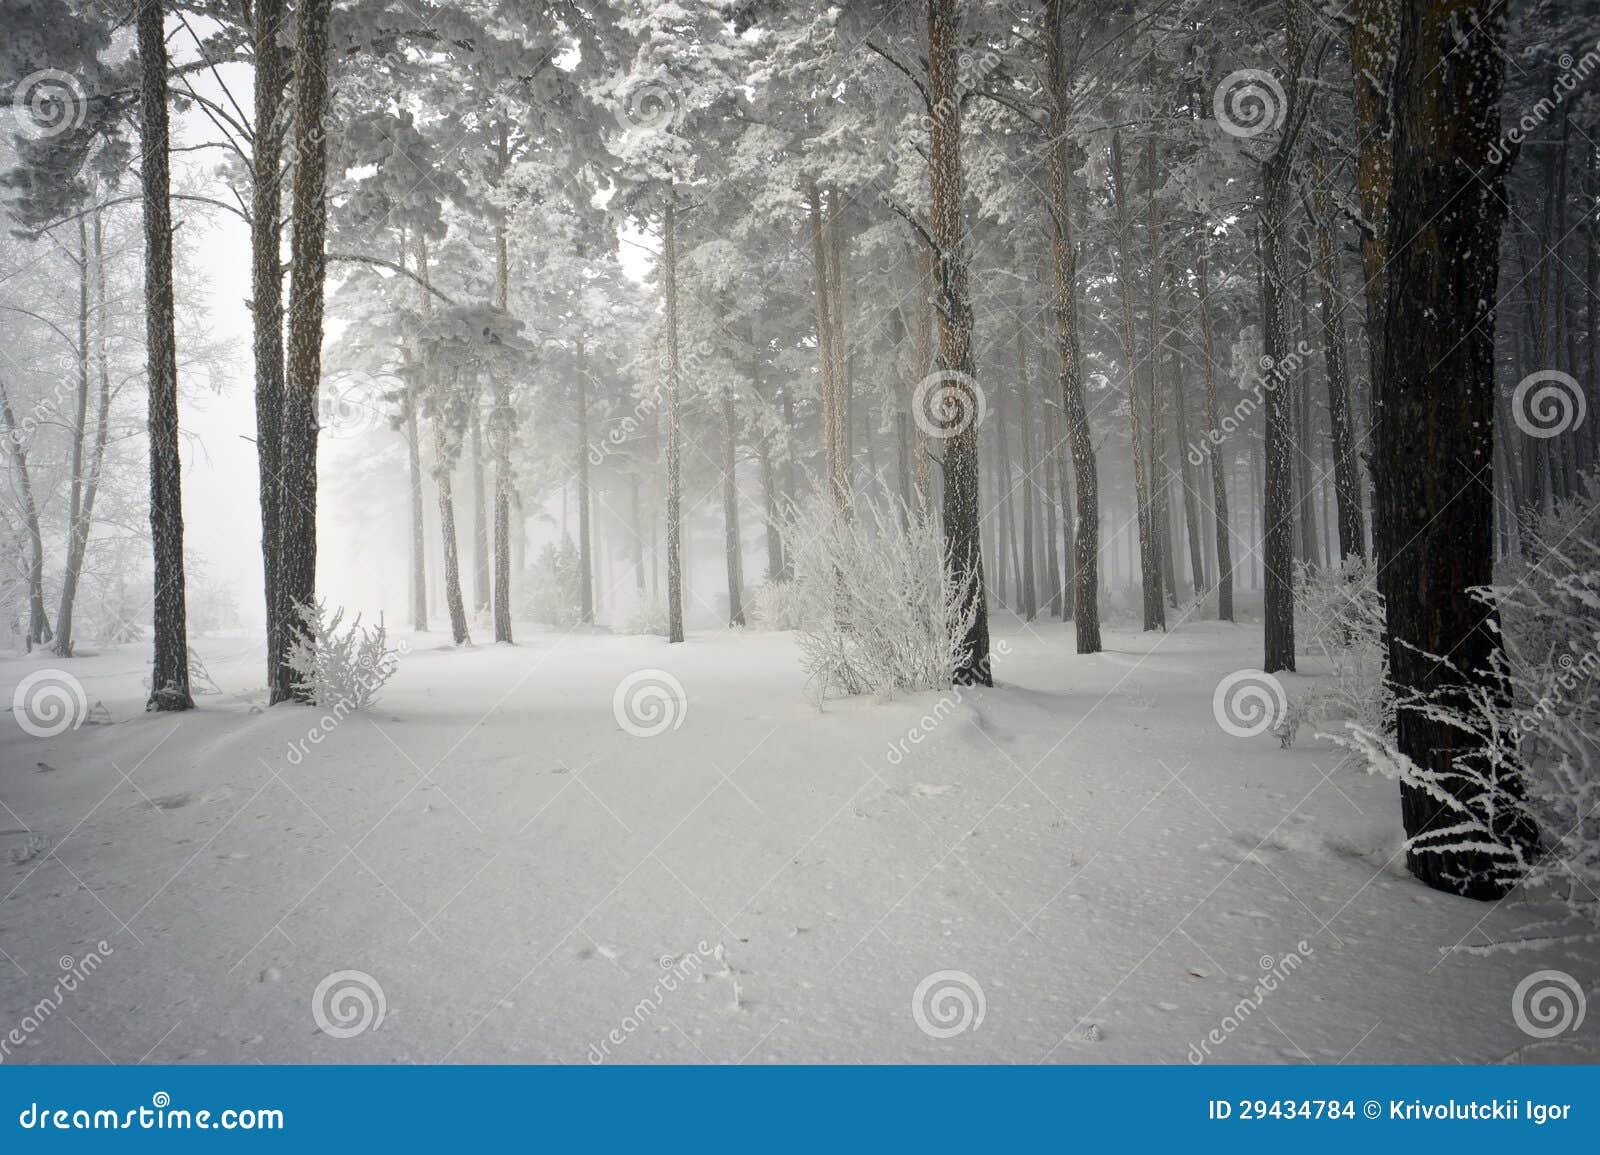 Сестра в лесу фото 20 фотография